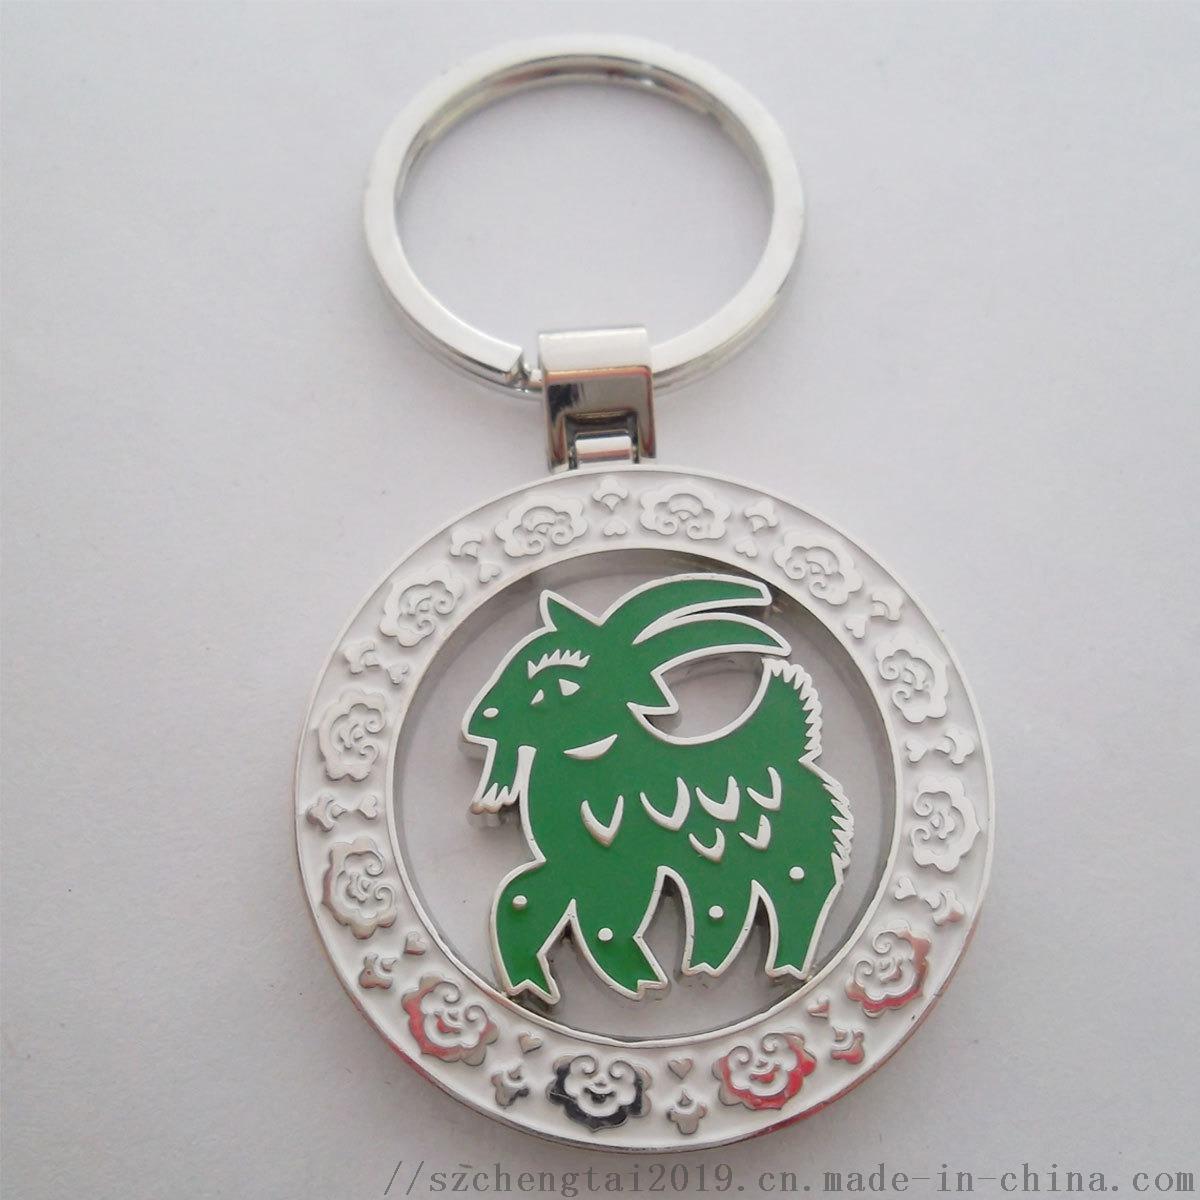 白酒纪念钥匙扣定制,活动钥匙圈制作,定制锁匙扣厂113580815